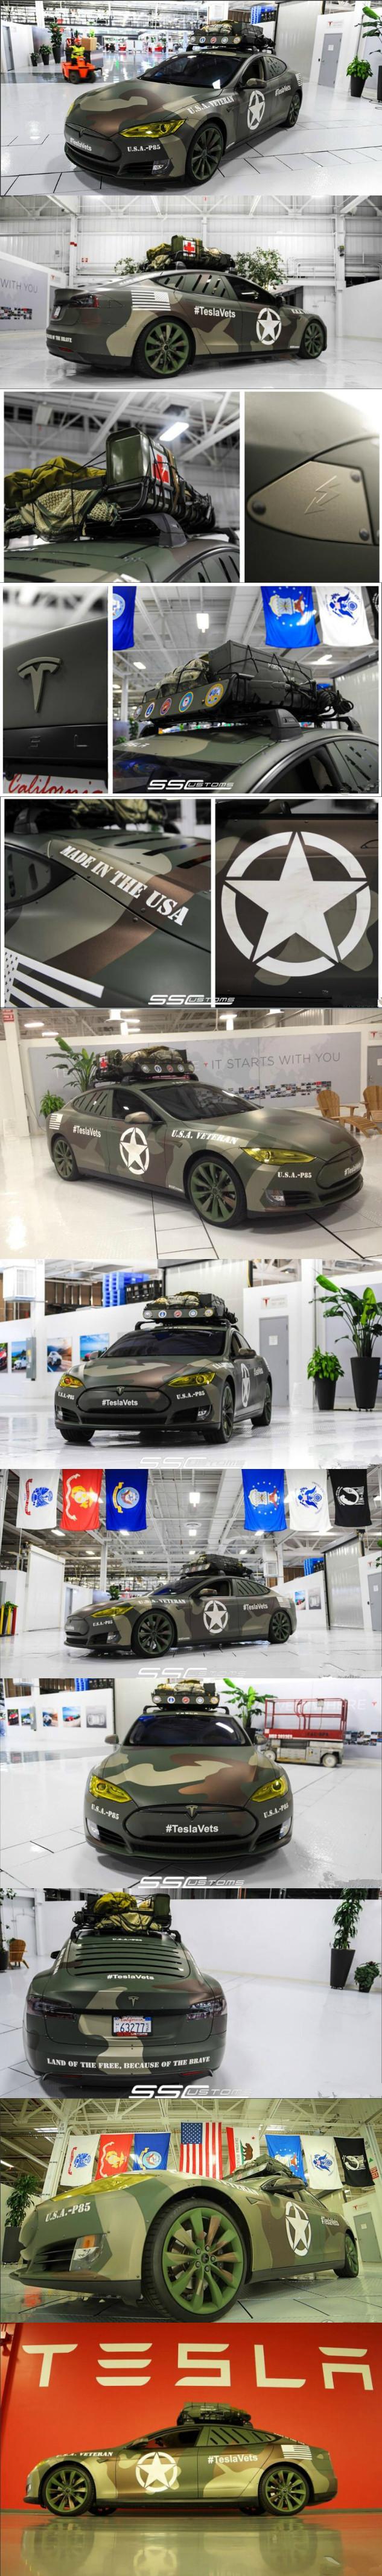 """特斯拉车身涂装美军标志 丰田氢燃料电池汽车""""寓军于民""""?"""